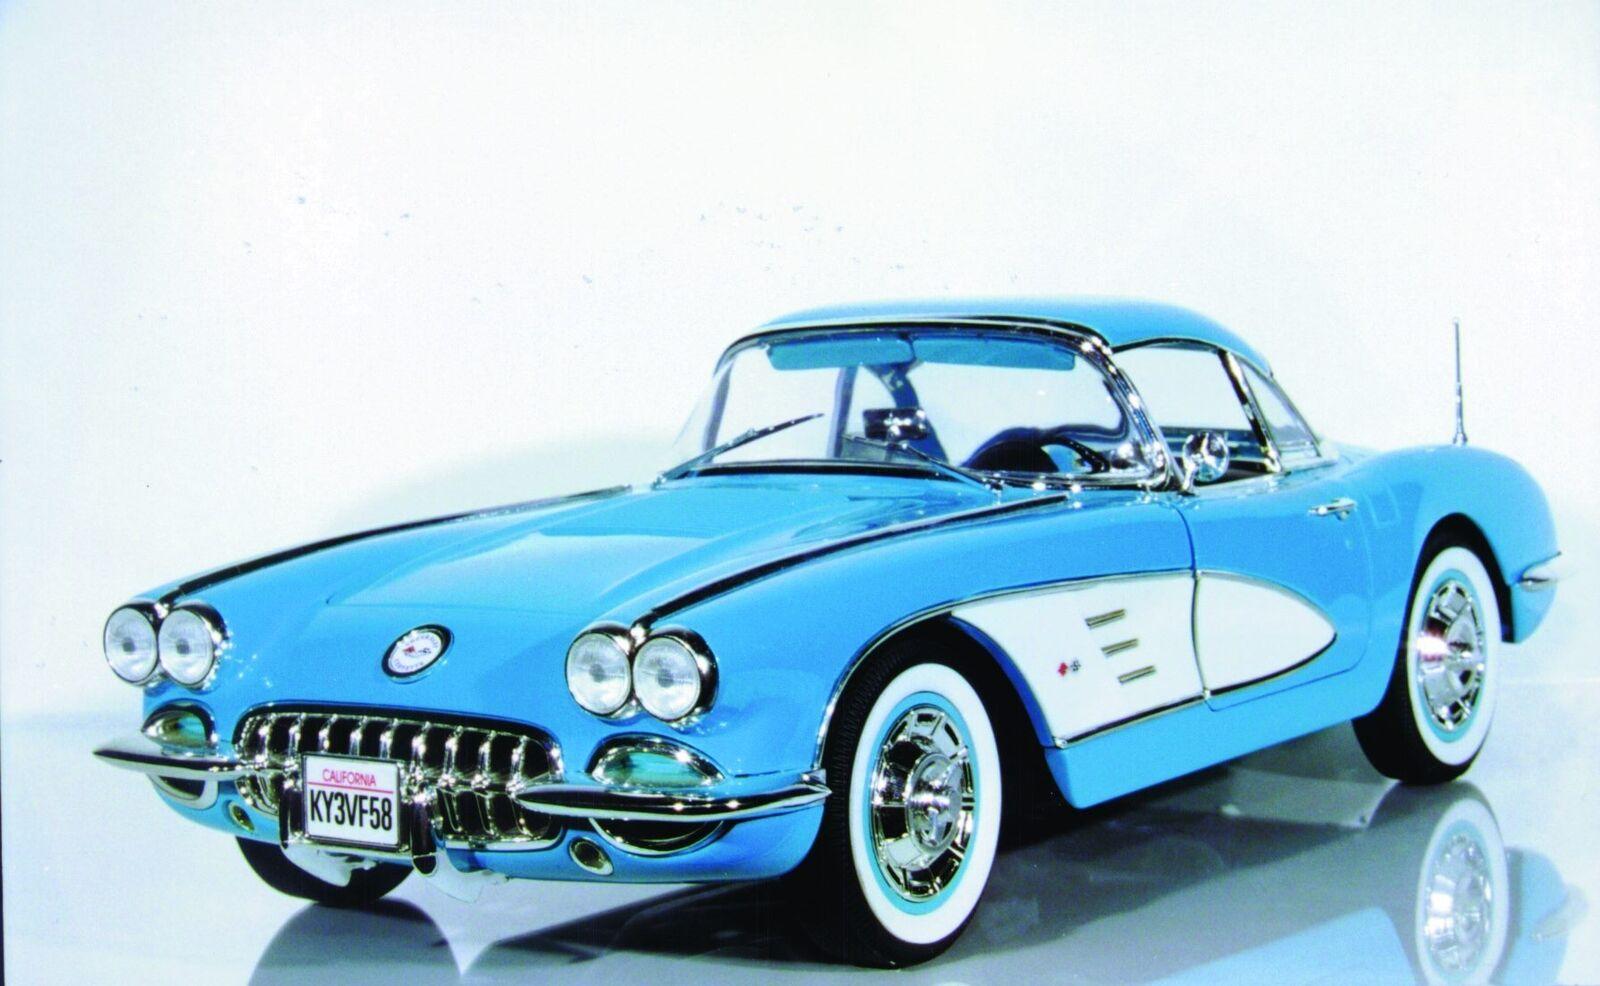 garanzia di qualità 1 12 Solido Corvette '58 HT w  Removable Top Top Top MIB  punto vendita